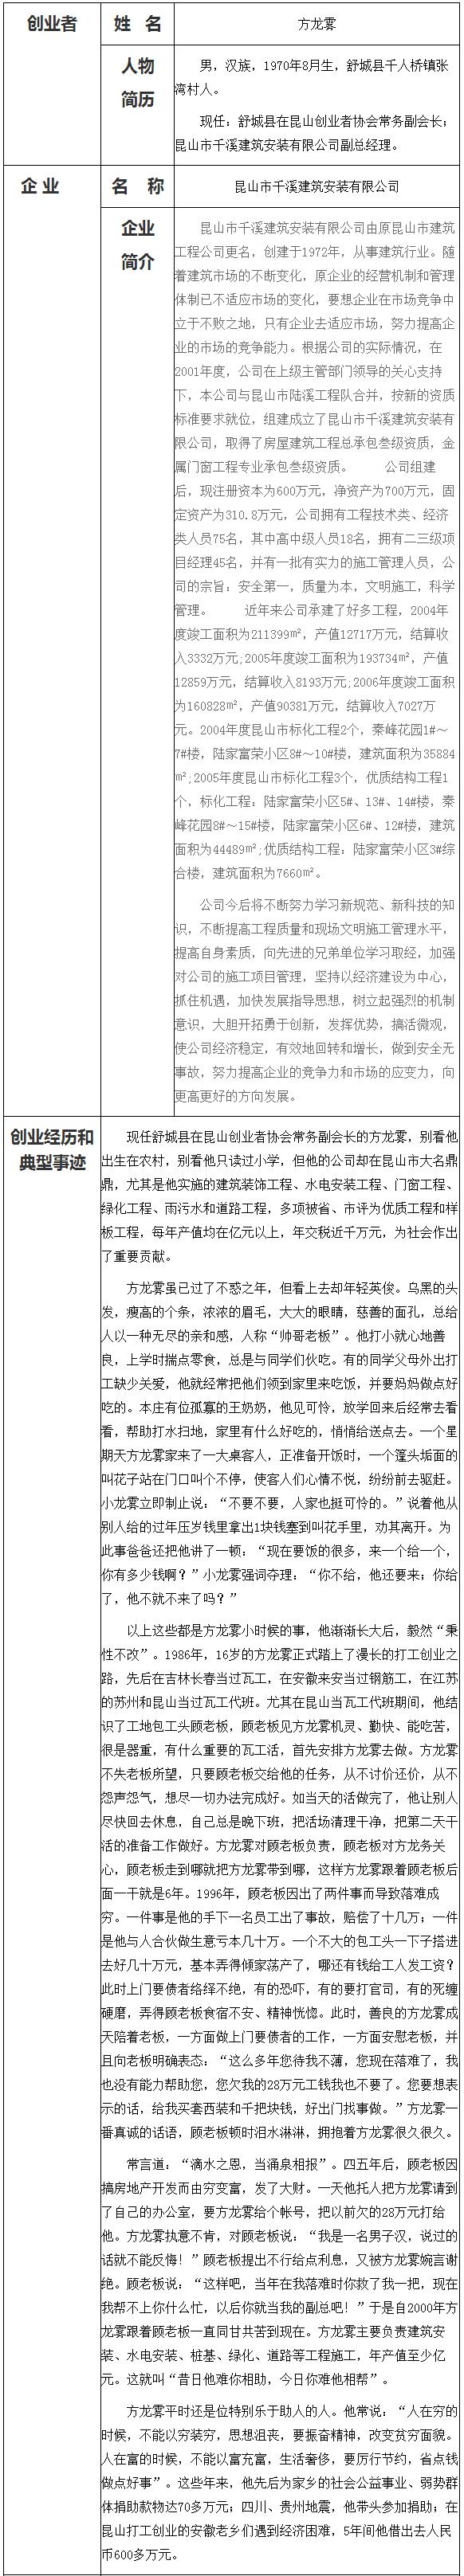 方龙雾-昆山市千溪建筑安装有限公司